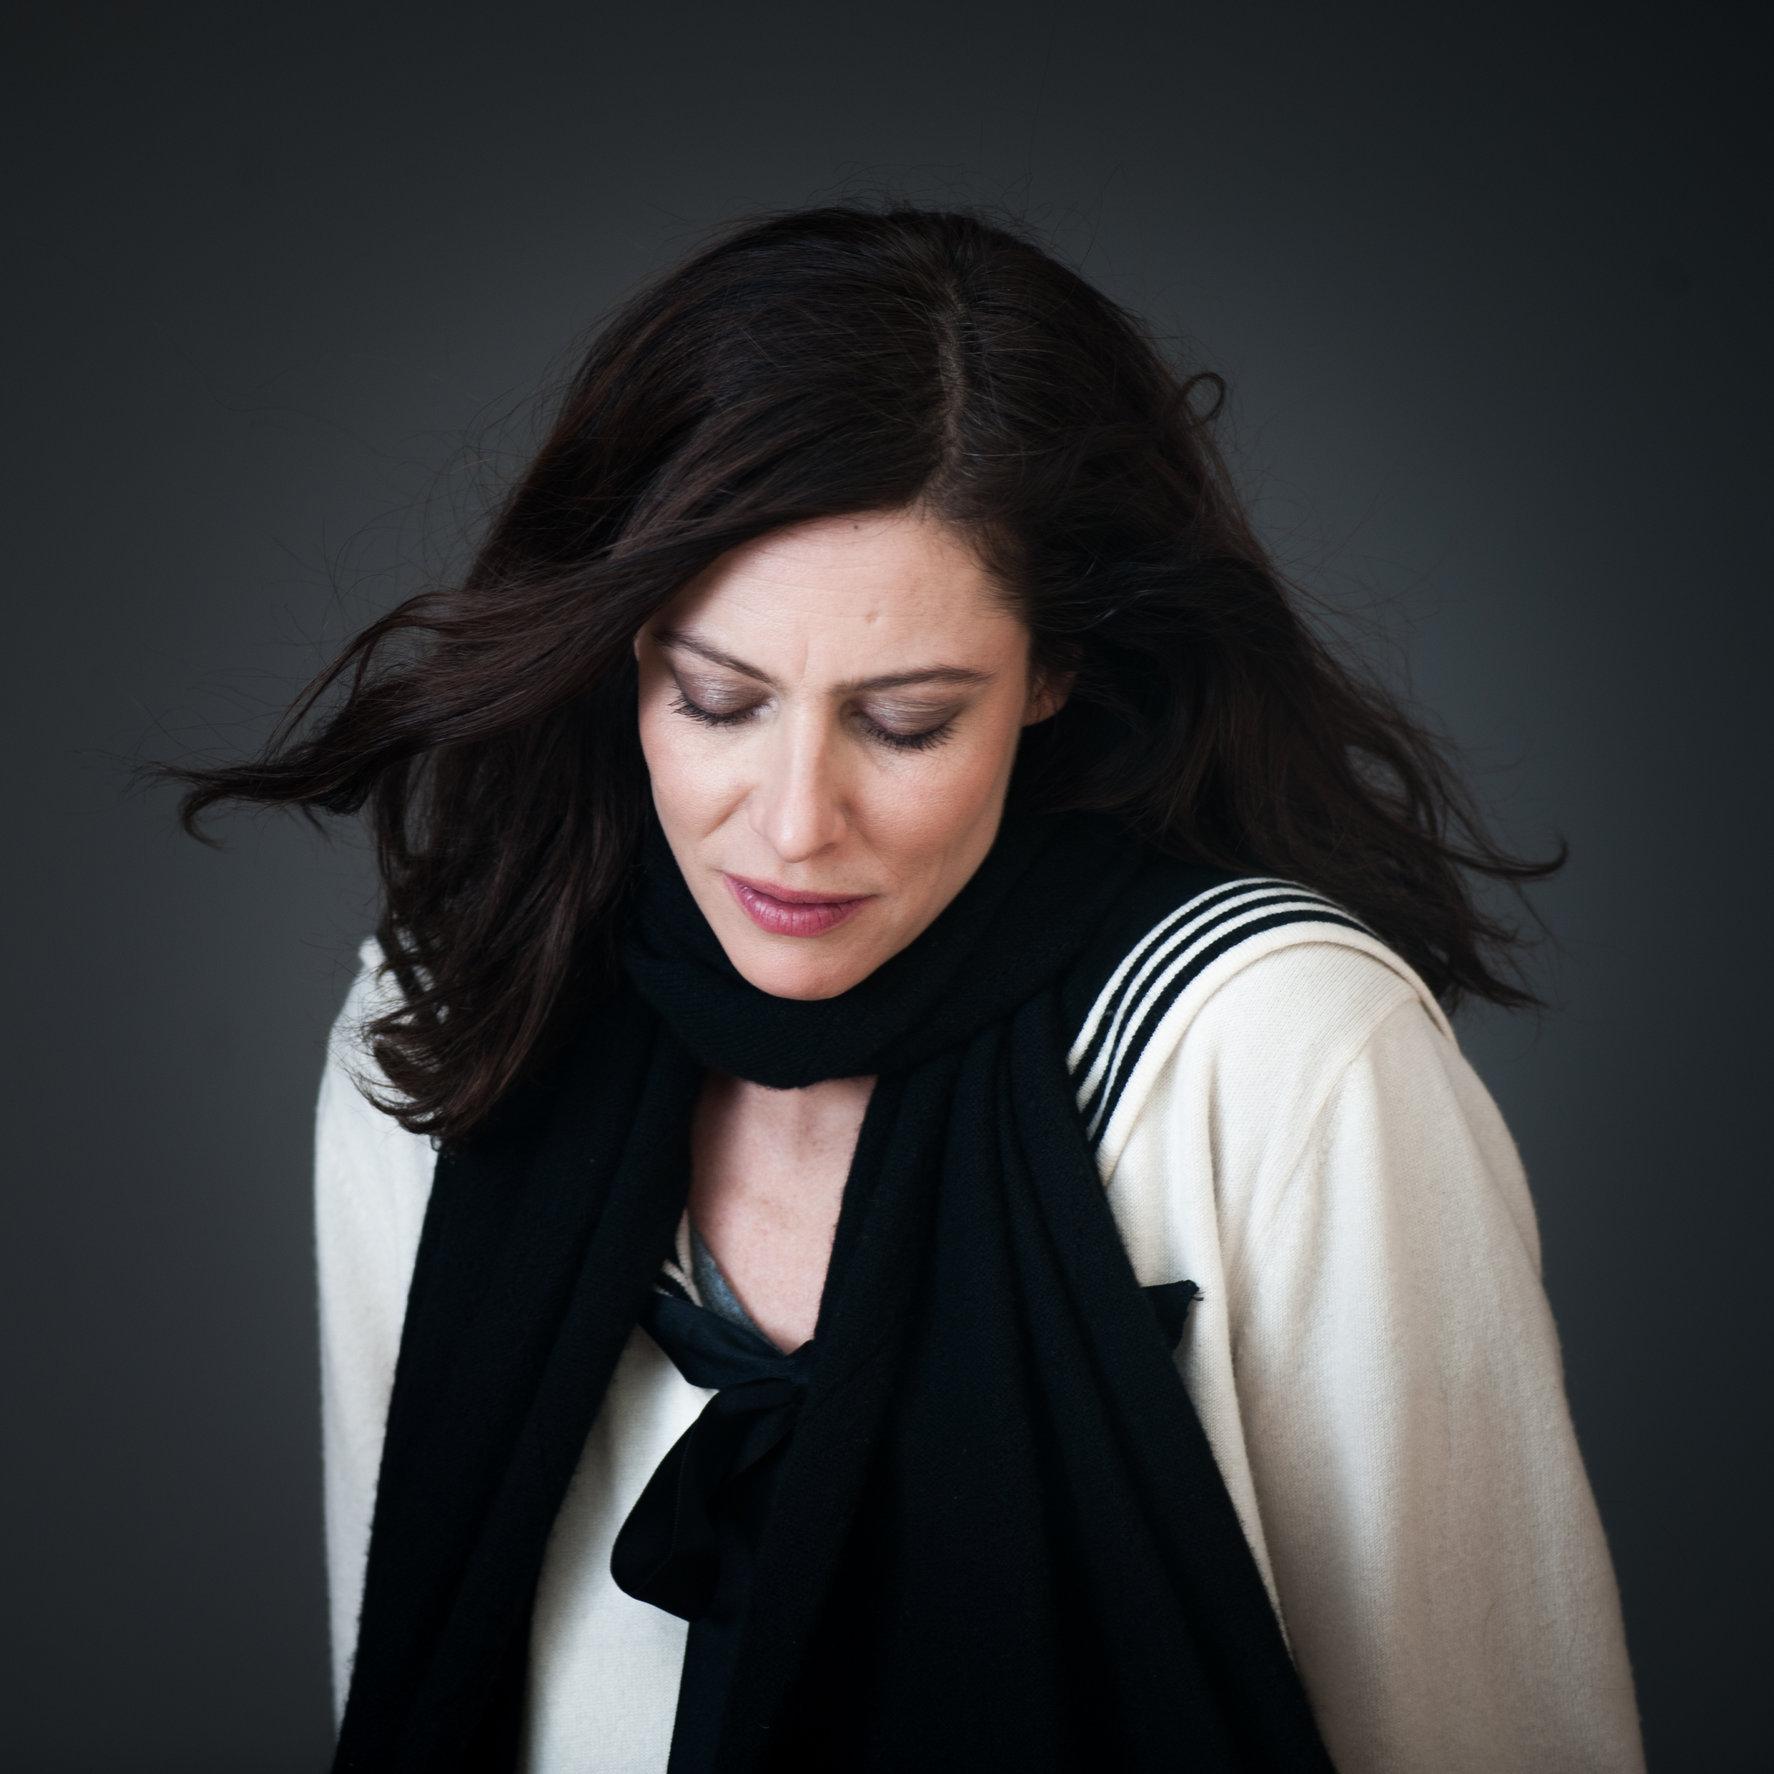 Ana Mouglalis